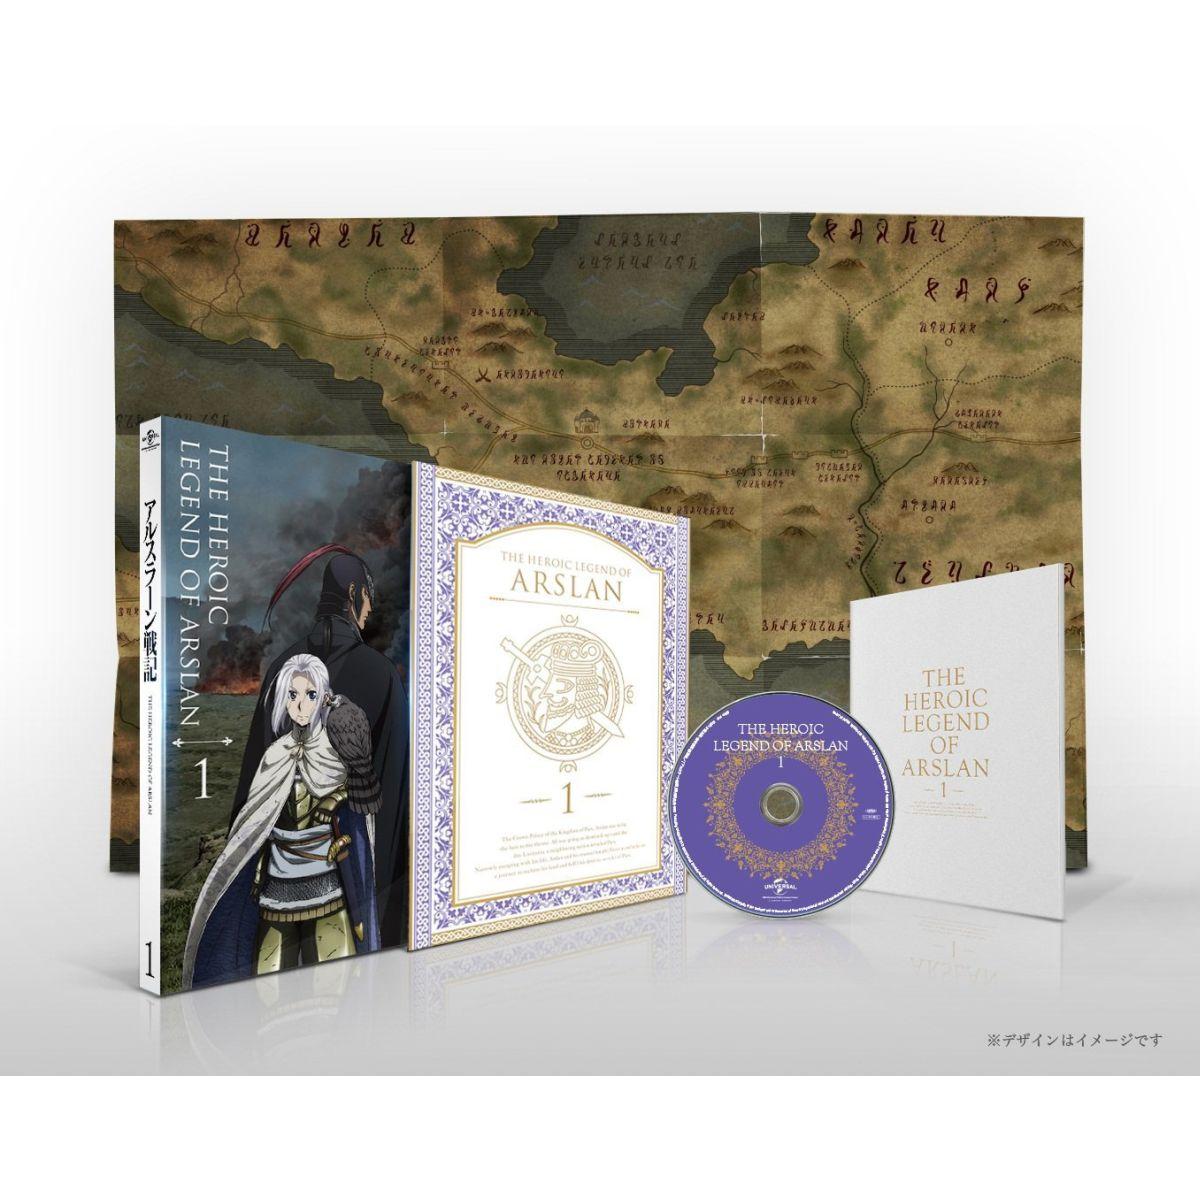 アルスラーン戦記 第1巻 【初回限定生産】【Blu-ray】画像